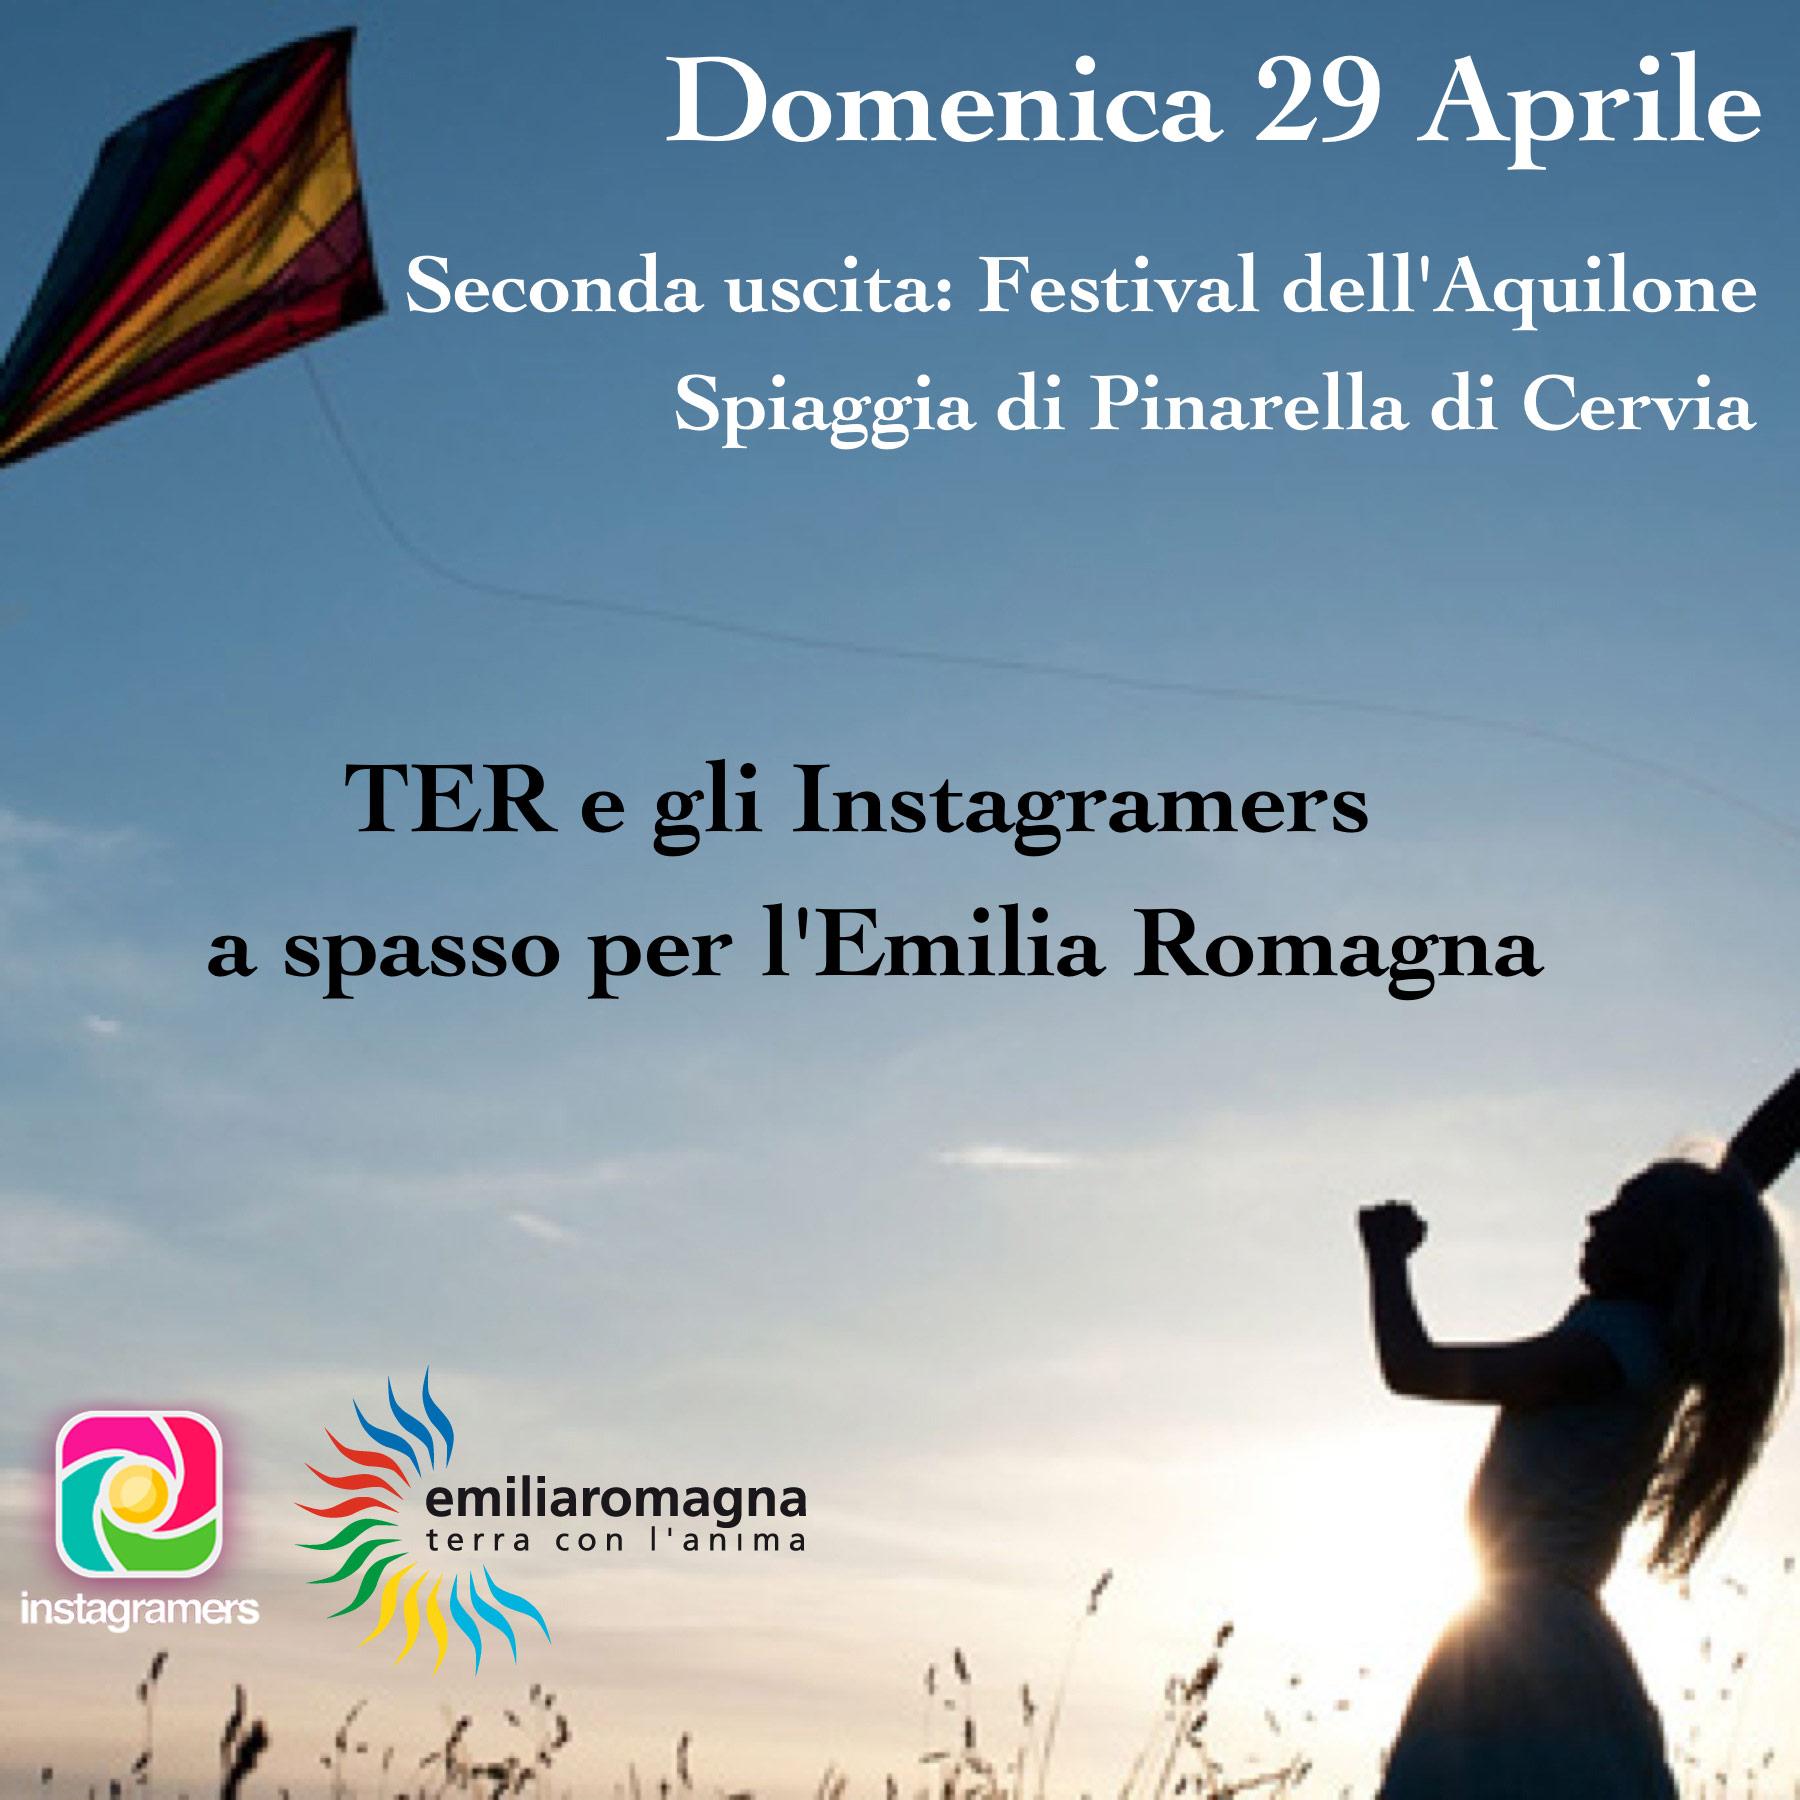 Igers a spasso per l'Emilia Romagna con TER